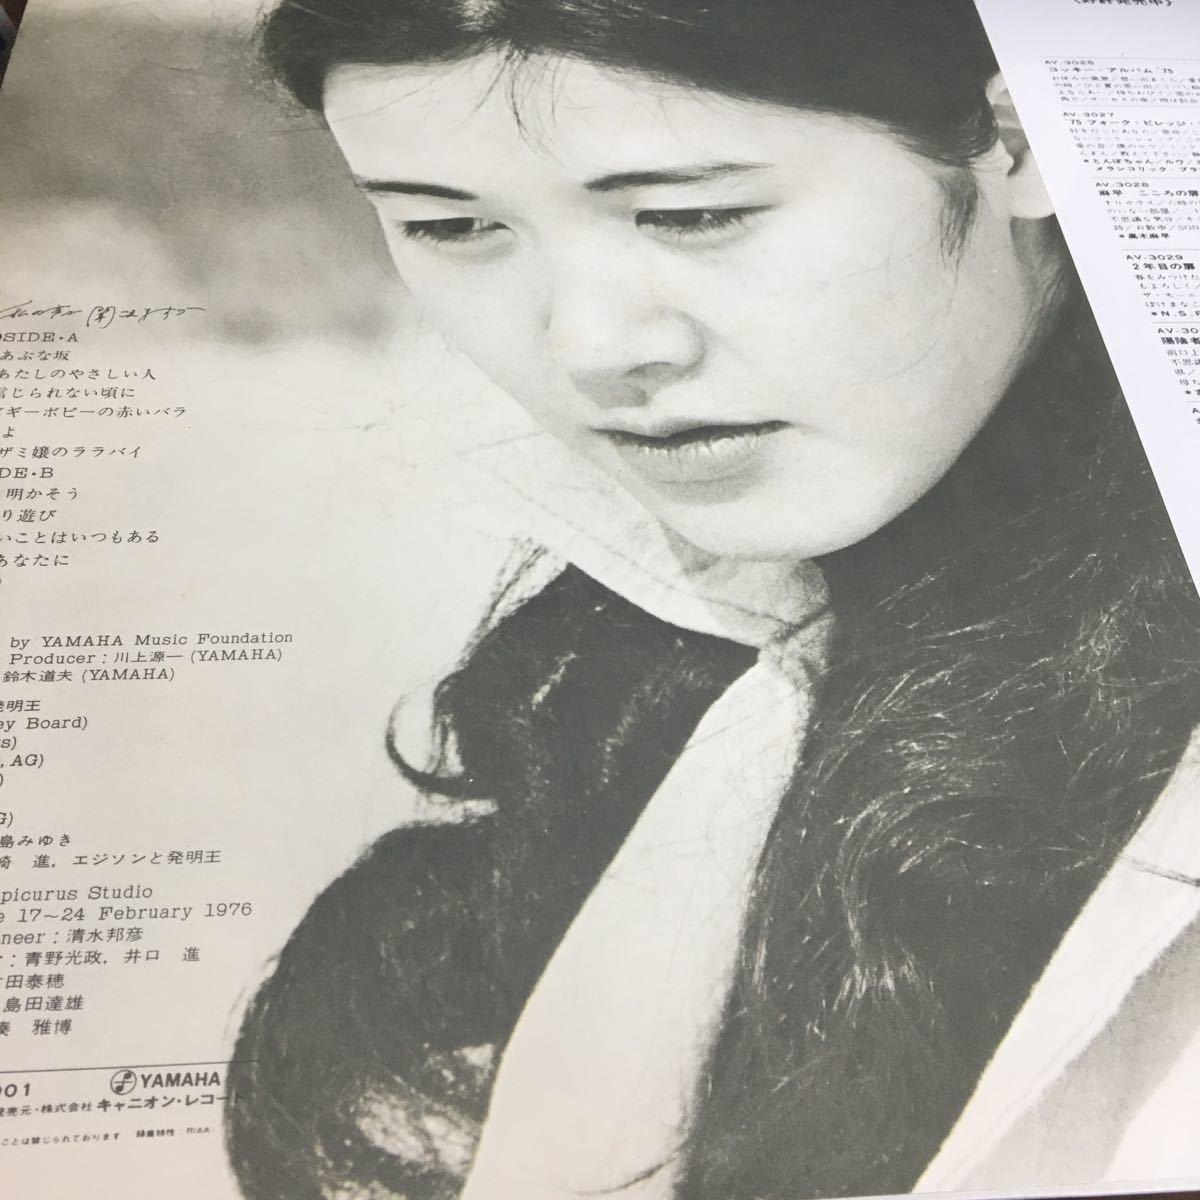 【中島みゆき・私の声が聞こえますか】ファーストアルバム LP レコード 時代 アザミ嬢のララバイ  1976年 YAMAHA【20/02 J2】_画像2